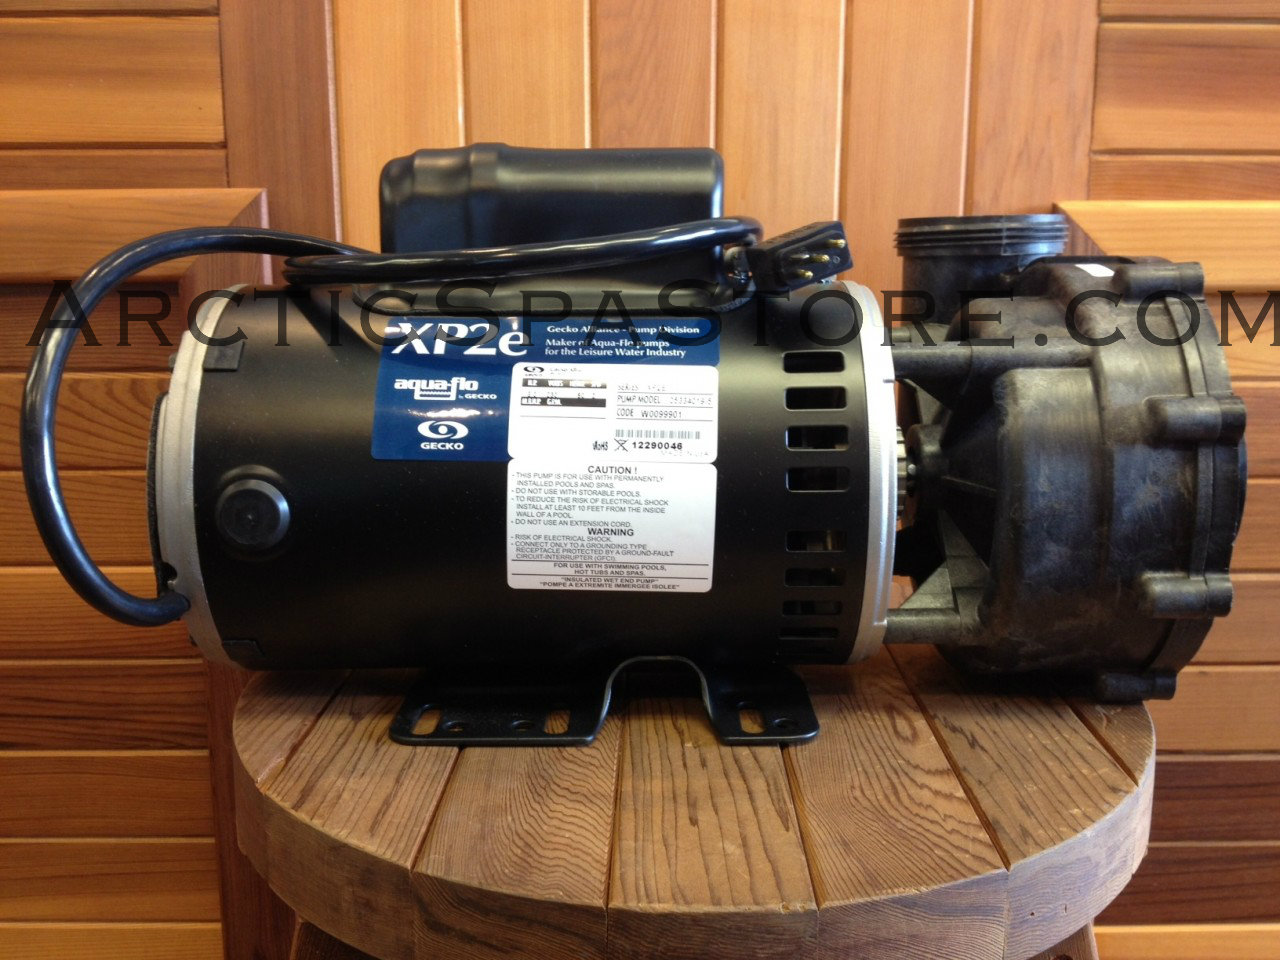 arctic spa pump 2 sd on aqua flo impeller aquaflow pumps flowmaster pumps aqua flo pump wiring diagram  [ 1280 x 960 Pixel ]